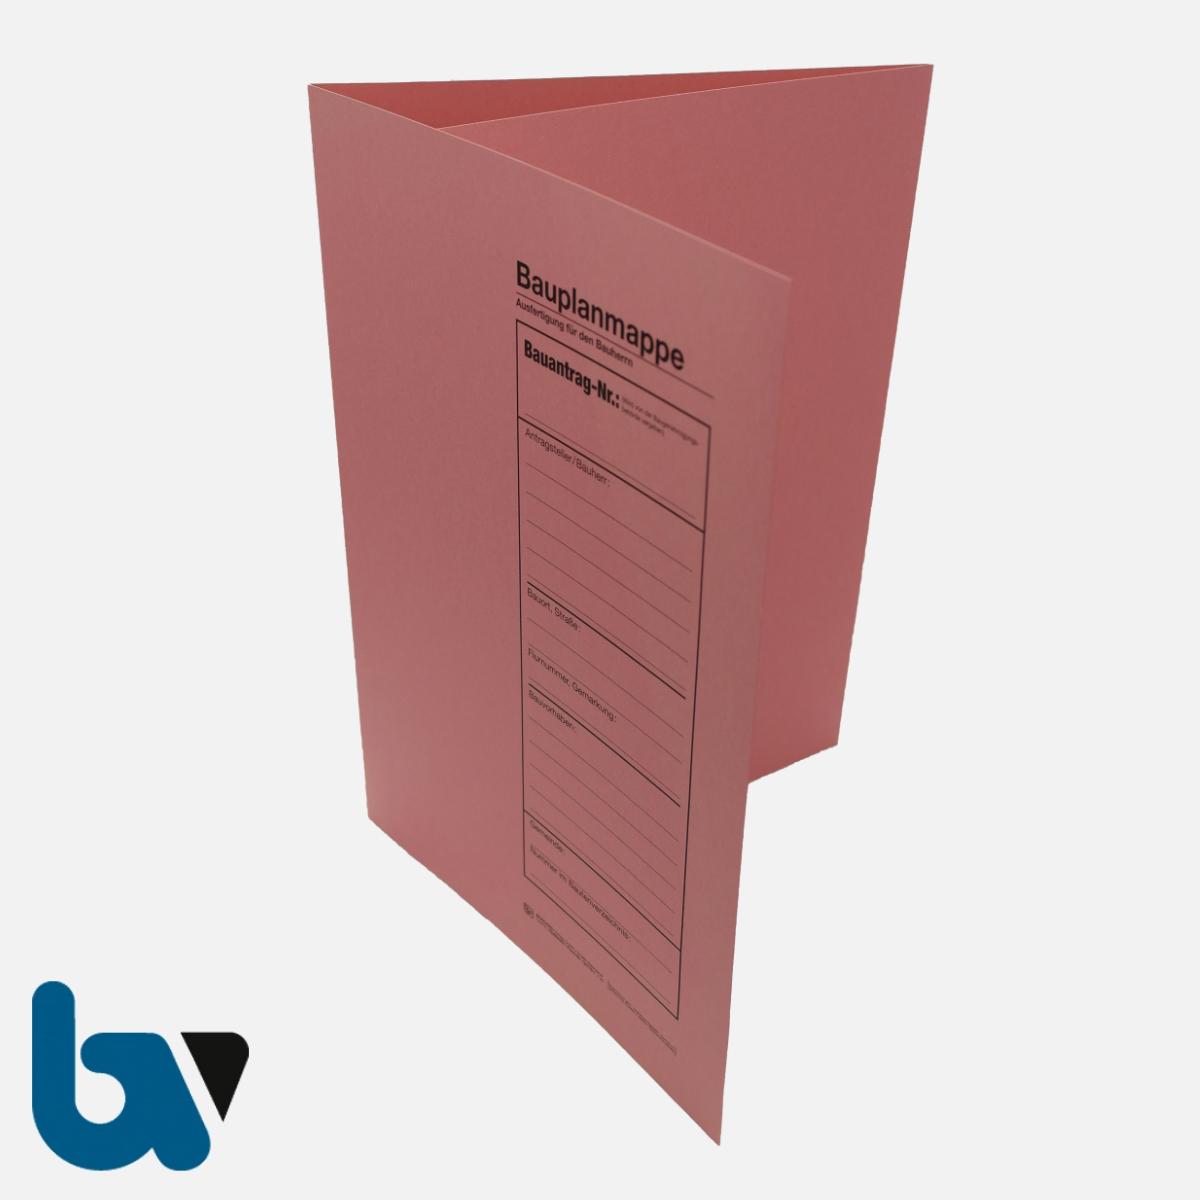 12/710-1 Bauplanmappe Ausfertigung Bauherr Karton rosa Einschlagdeckel Dokumentenschutz Verwahrung Archivierung DIN C4 Vorderseite | Borgard Verlag GmbH